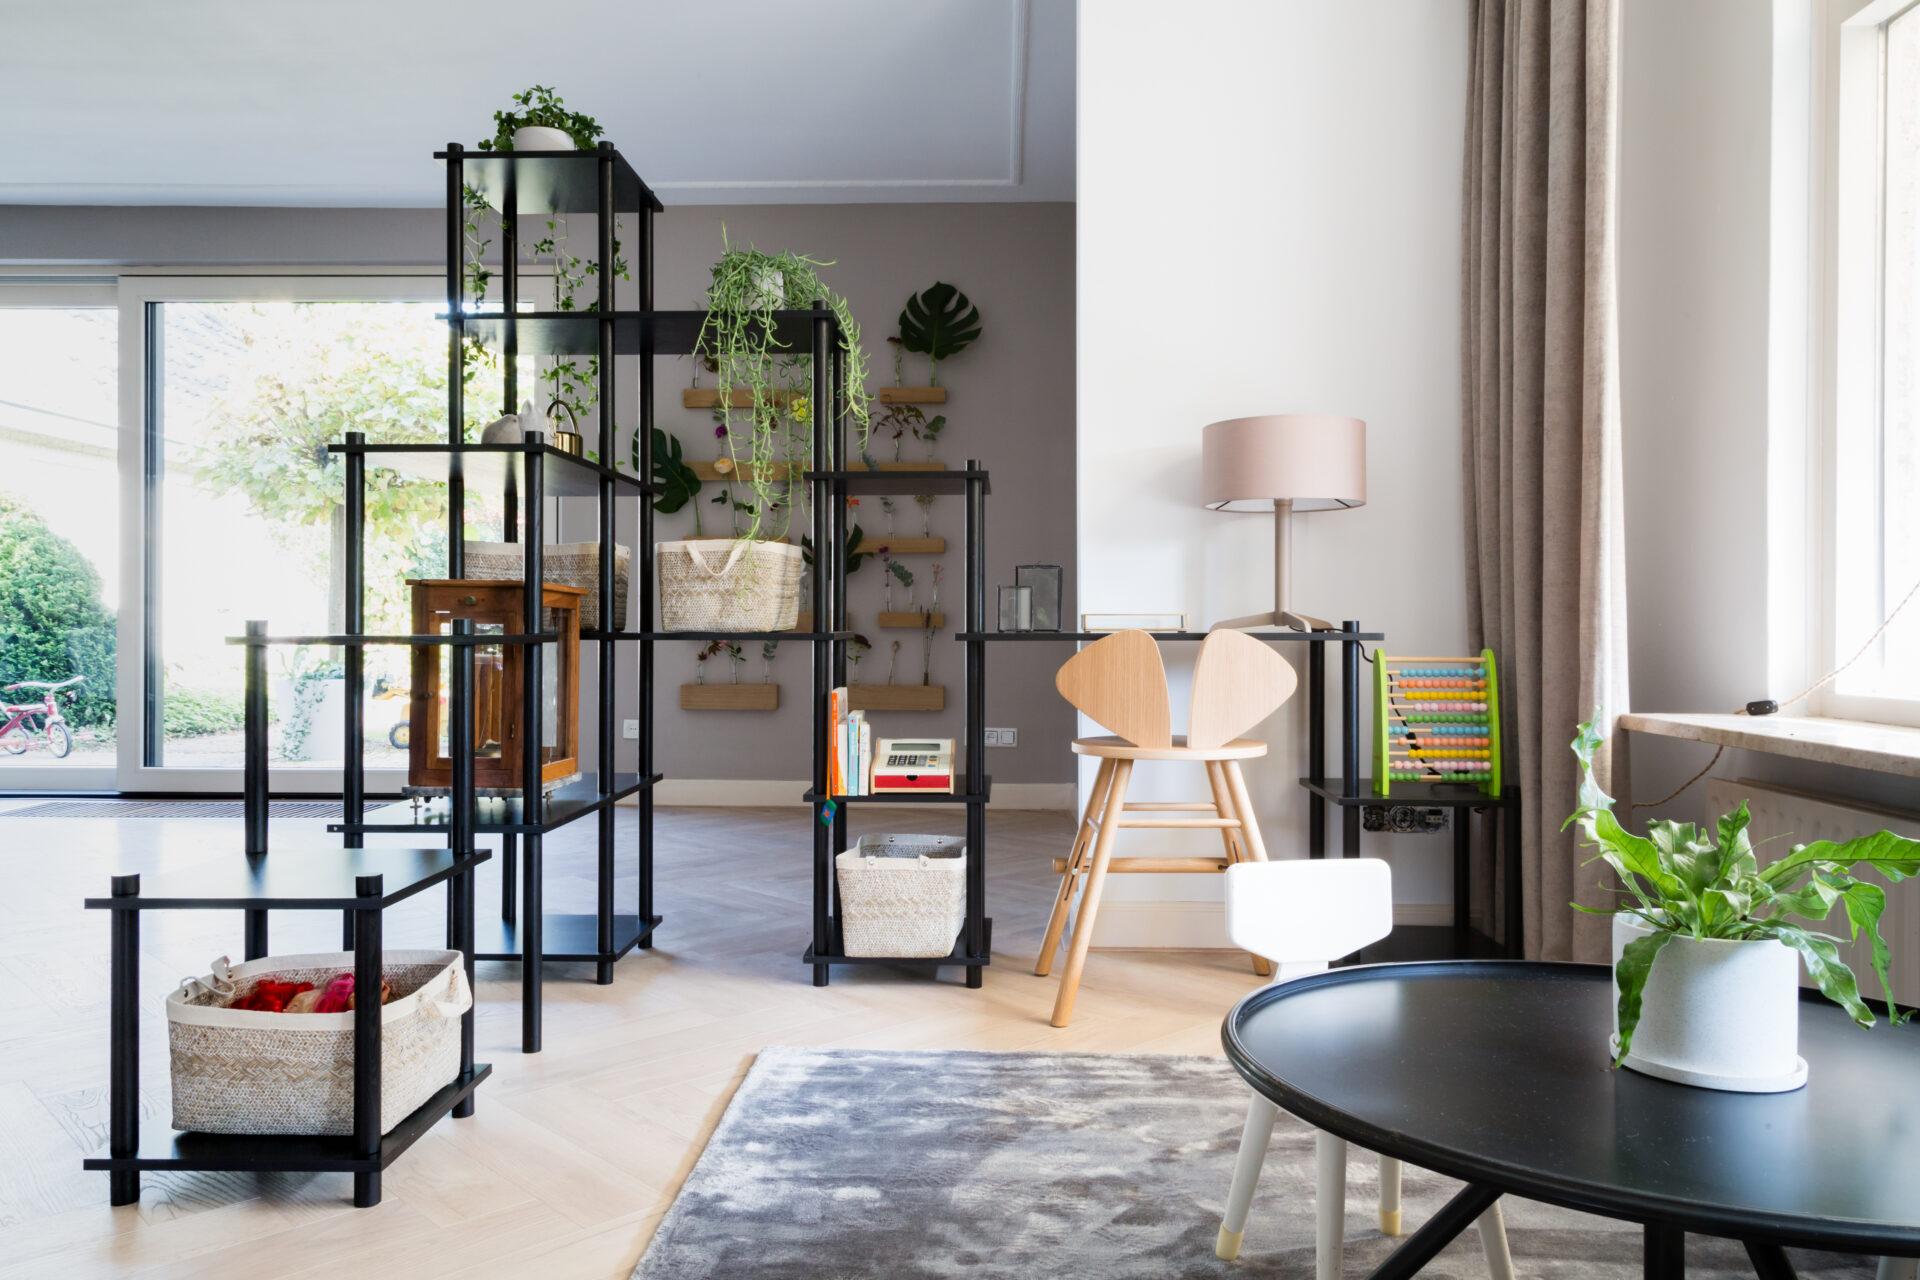 Select Windows Kunststof kozijnen - schuifpui bij vtwonen weer verliefd op je huis - binnen